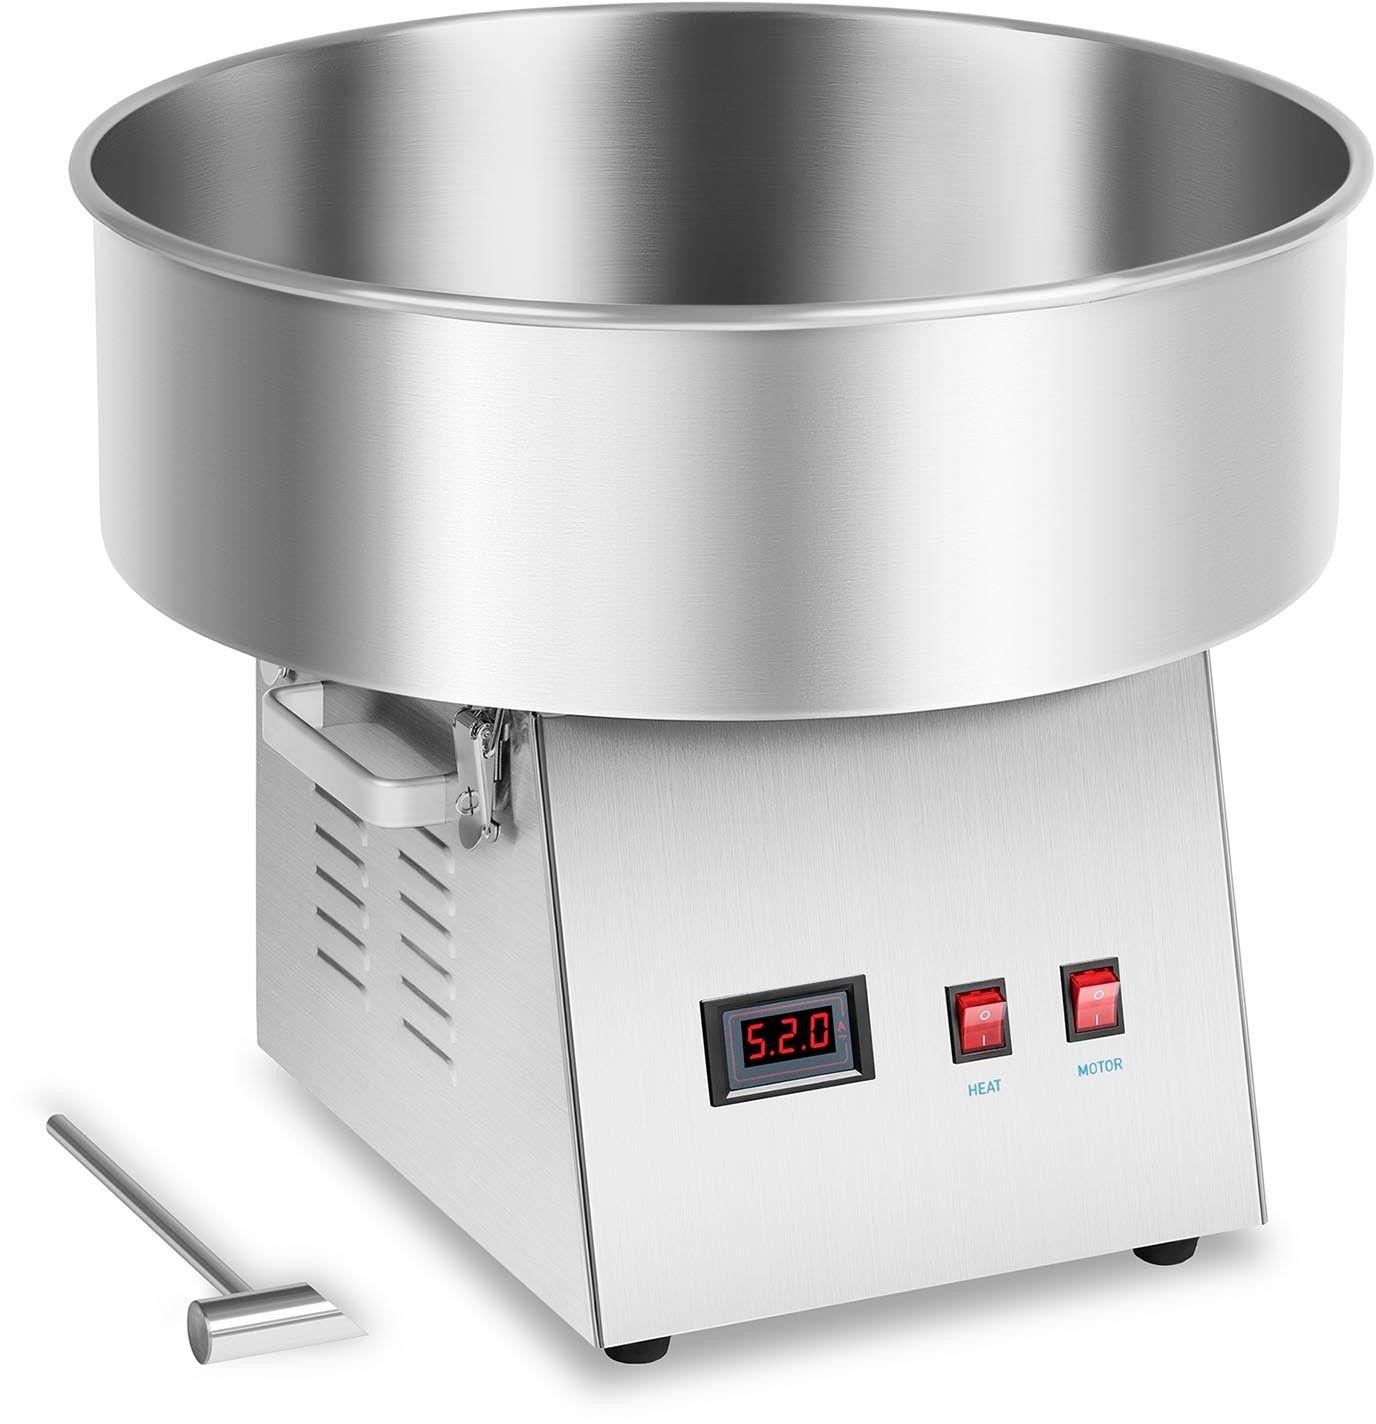 Zestaw Maszyna do waty cukrowej - 52 cm - LED + Pokrywa ochronna - Royal Catering - RCZK-SET1 - 3 lata gwarancji/wysyłka w 24h